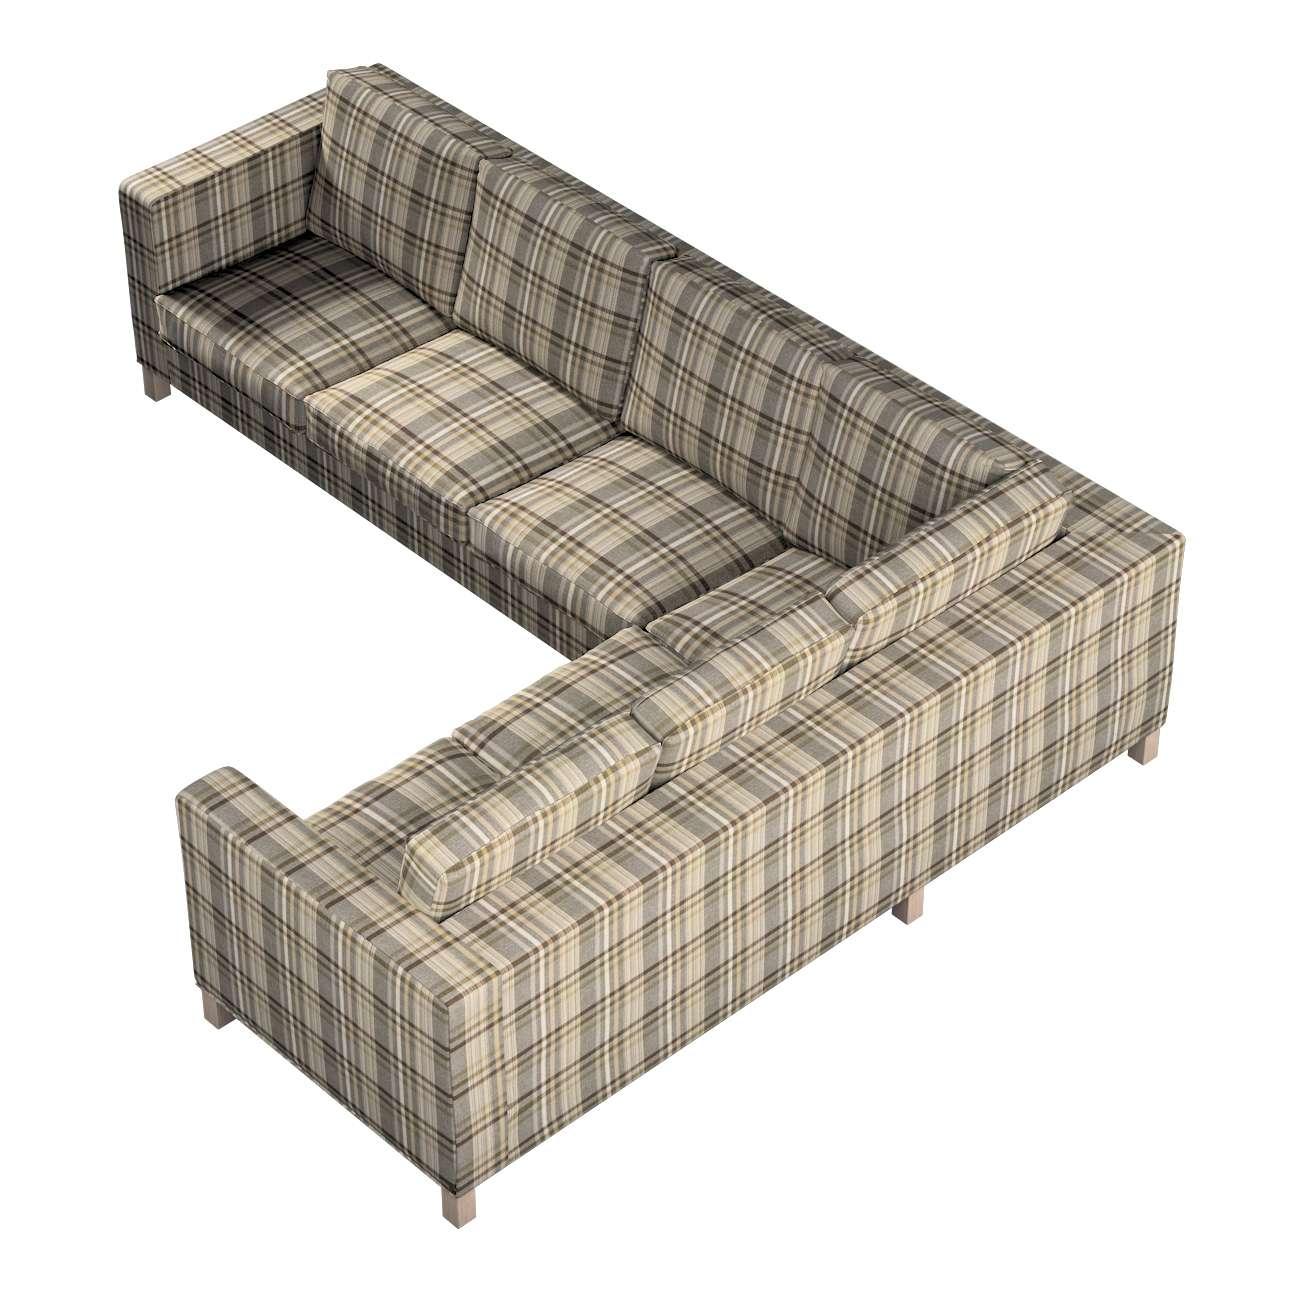 Pokrowiec na sofę narożną lewostronną Karlanda w kolekcji Edinburgh, tkanina: 703-17